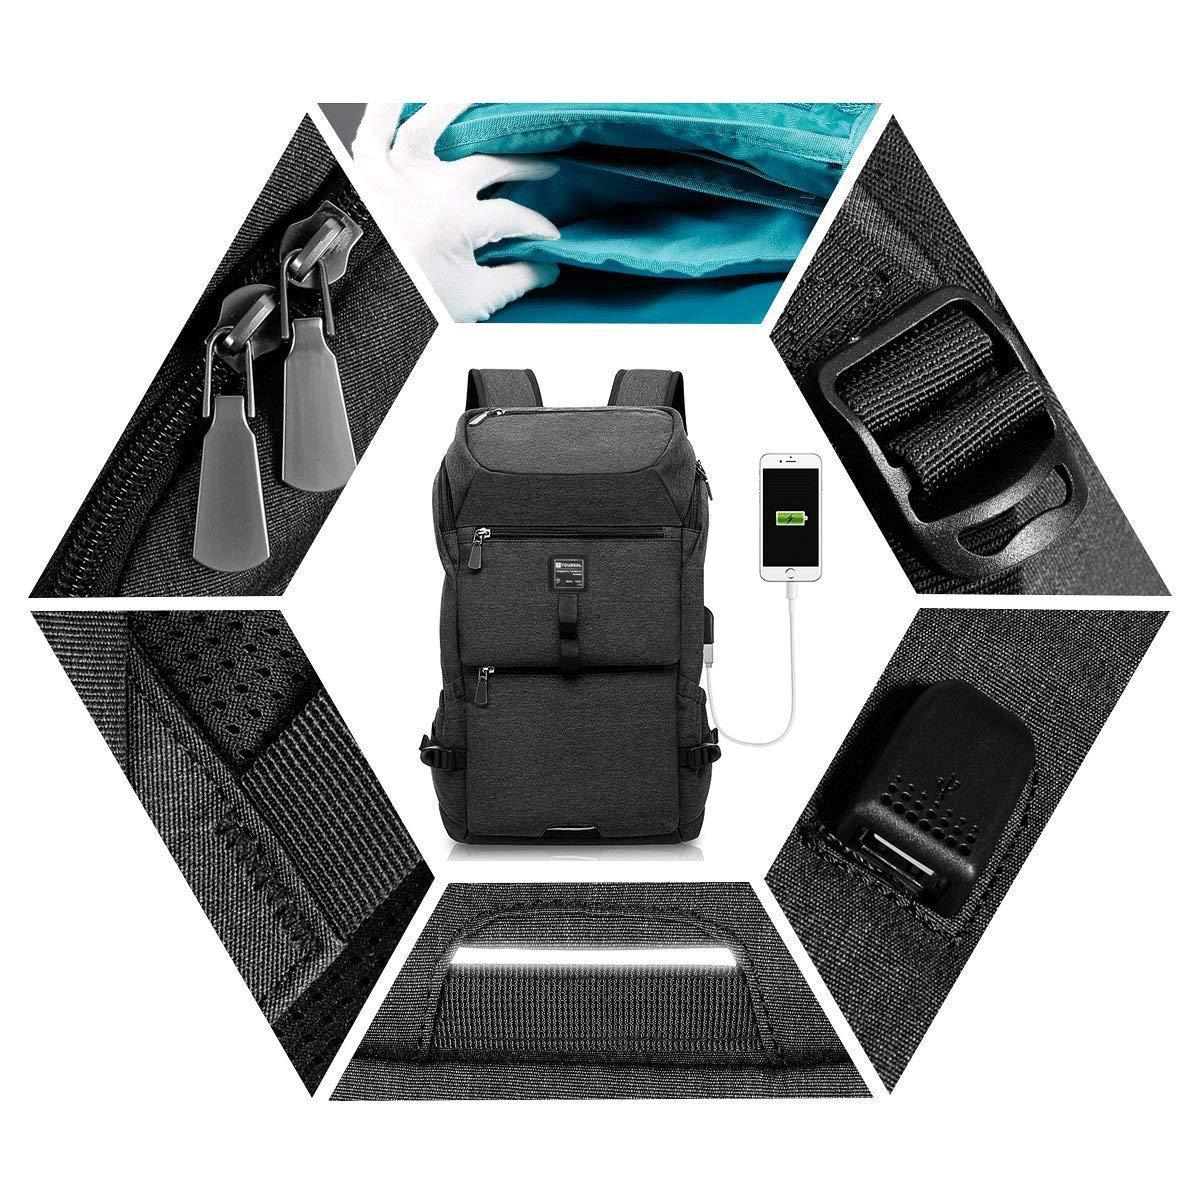 71ekoT  6IL - TOUBKAL - Mochila de alta calidad EXTRA FUERTE - Para PORTATIL hasta 15'' - Buena capacidad (26L) - mochila USB…